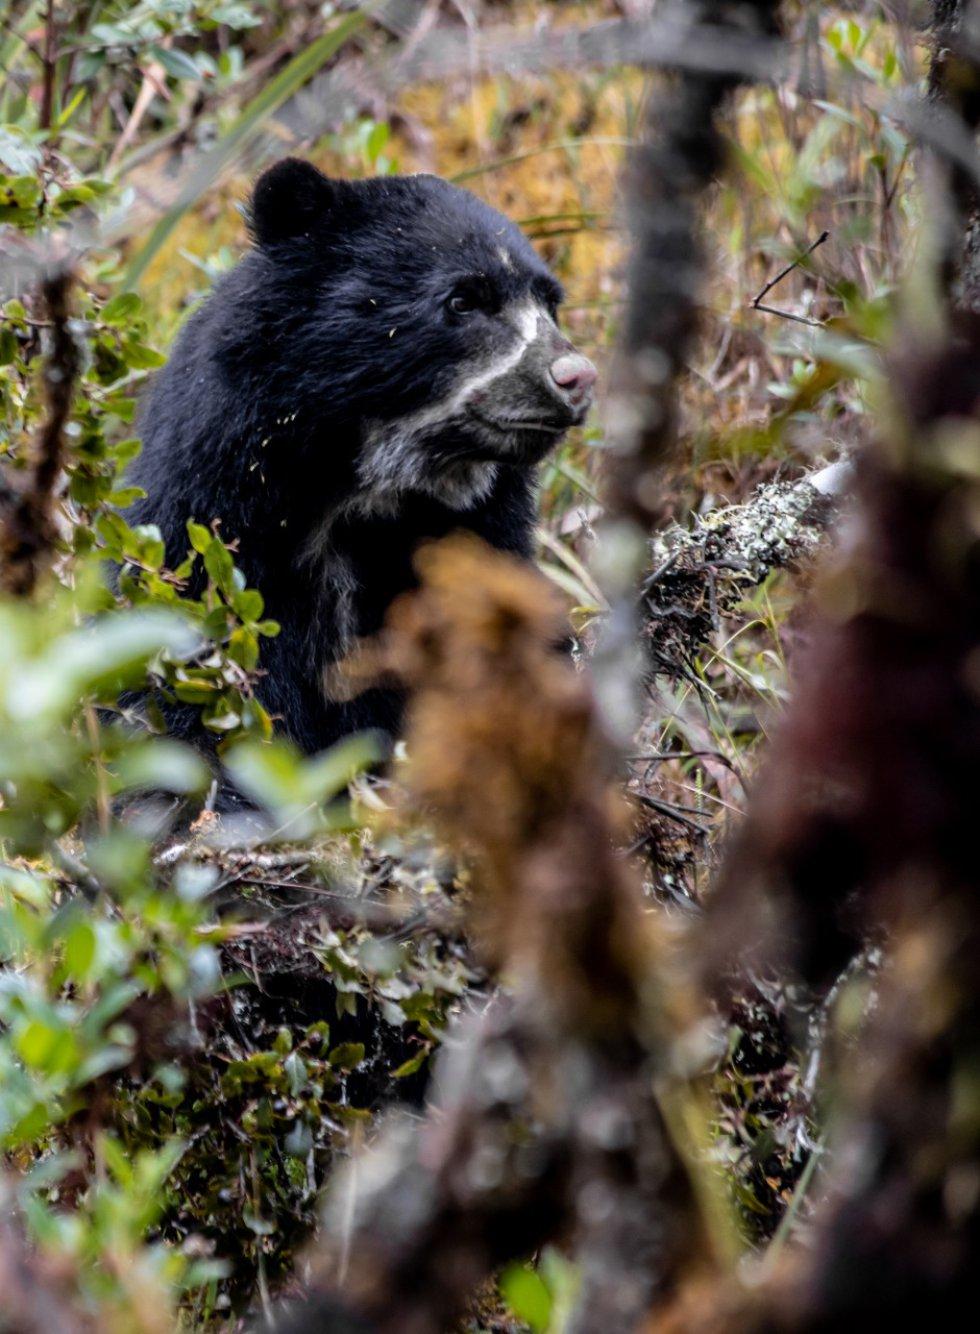 El oso de anteojos habita a lo largo de la cordillera de los Andes, desde Venezuela hasta Bolivia, pasando por Colombia, Ecuador y Perú.